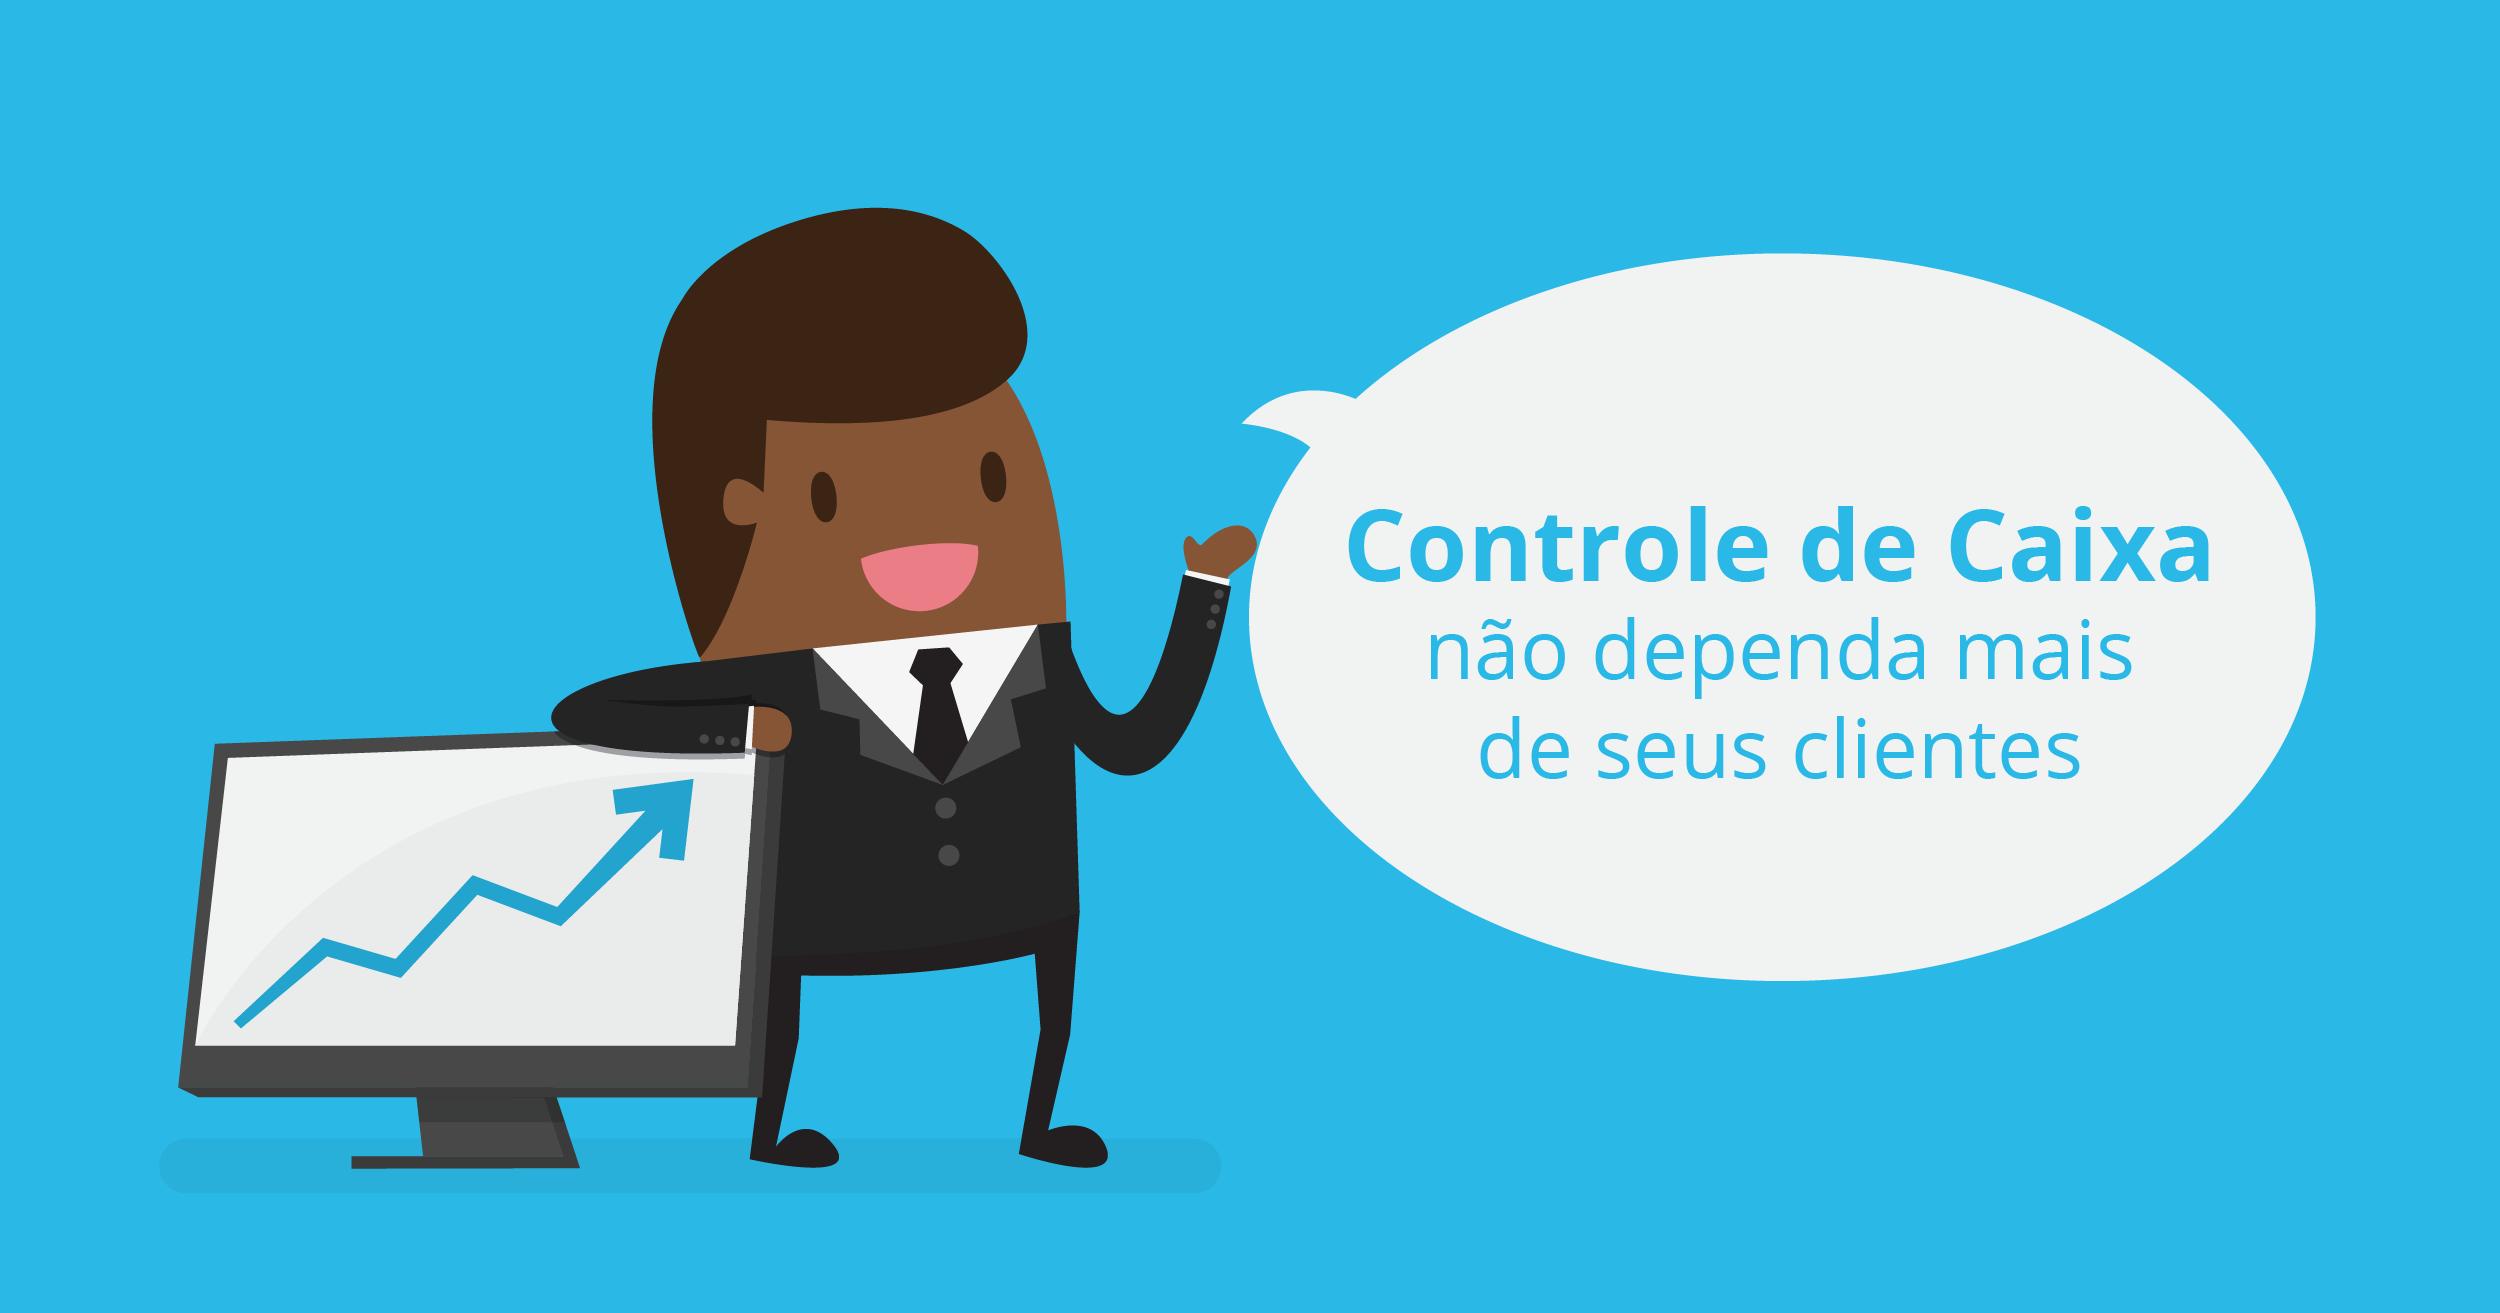 Controle de Caixa: ganhe produtividade e não dependa mais de seus clientes